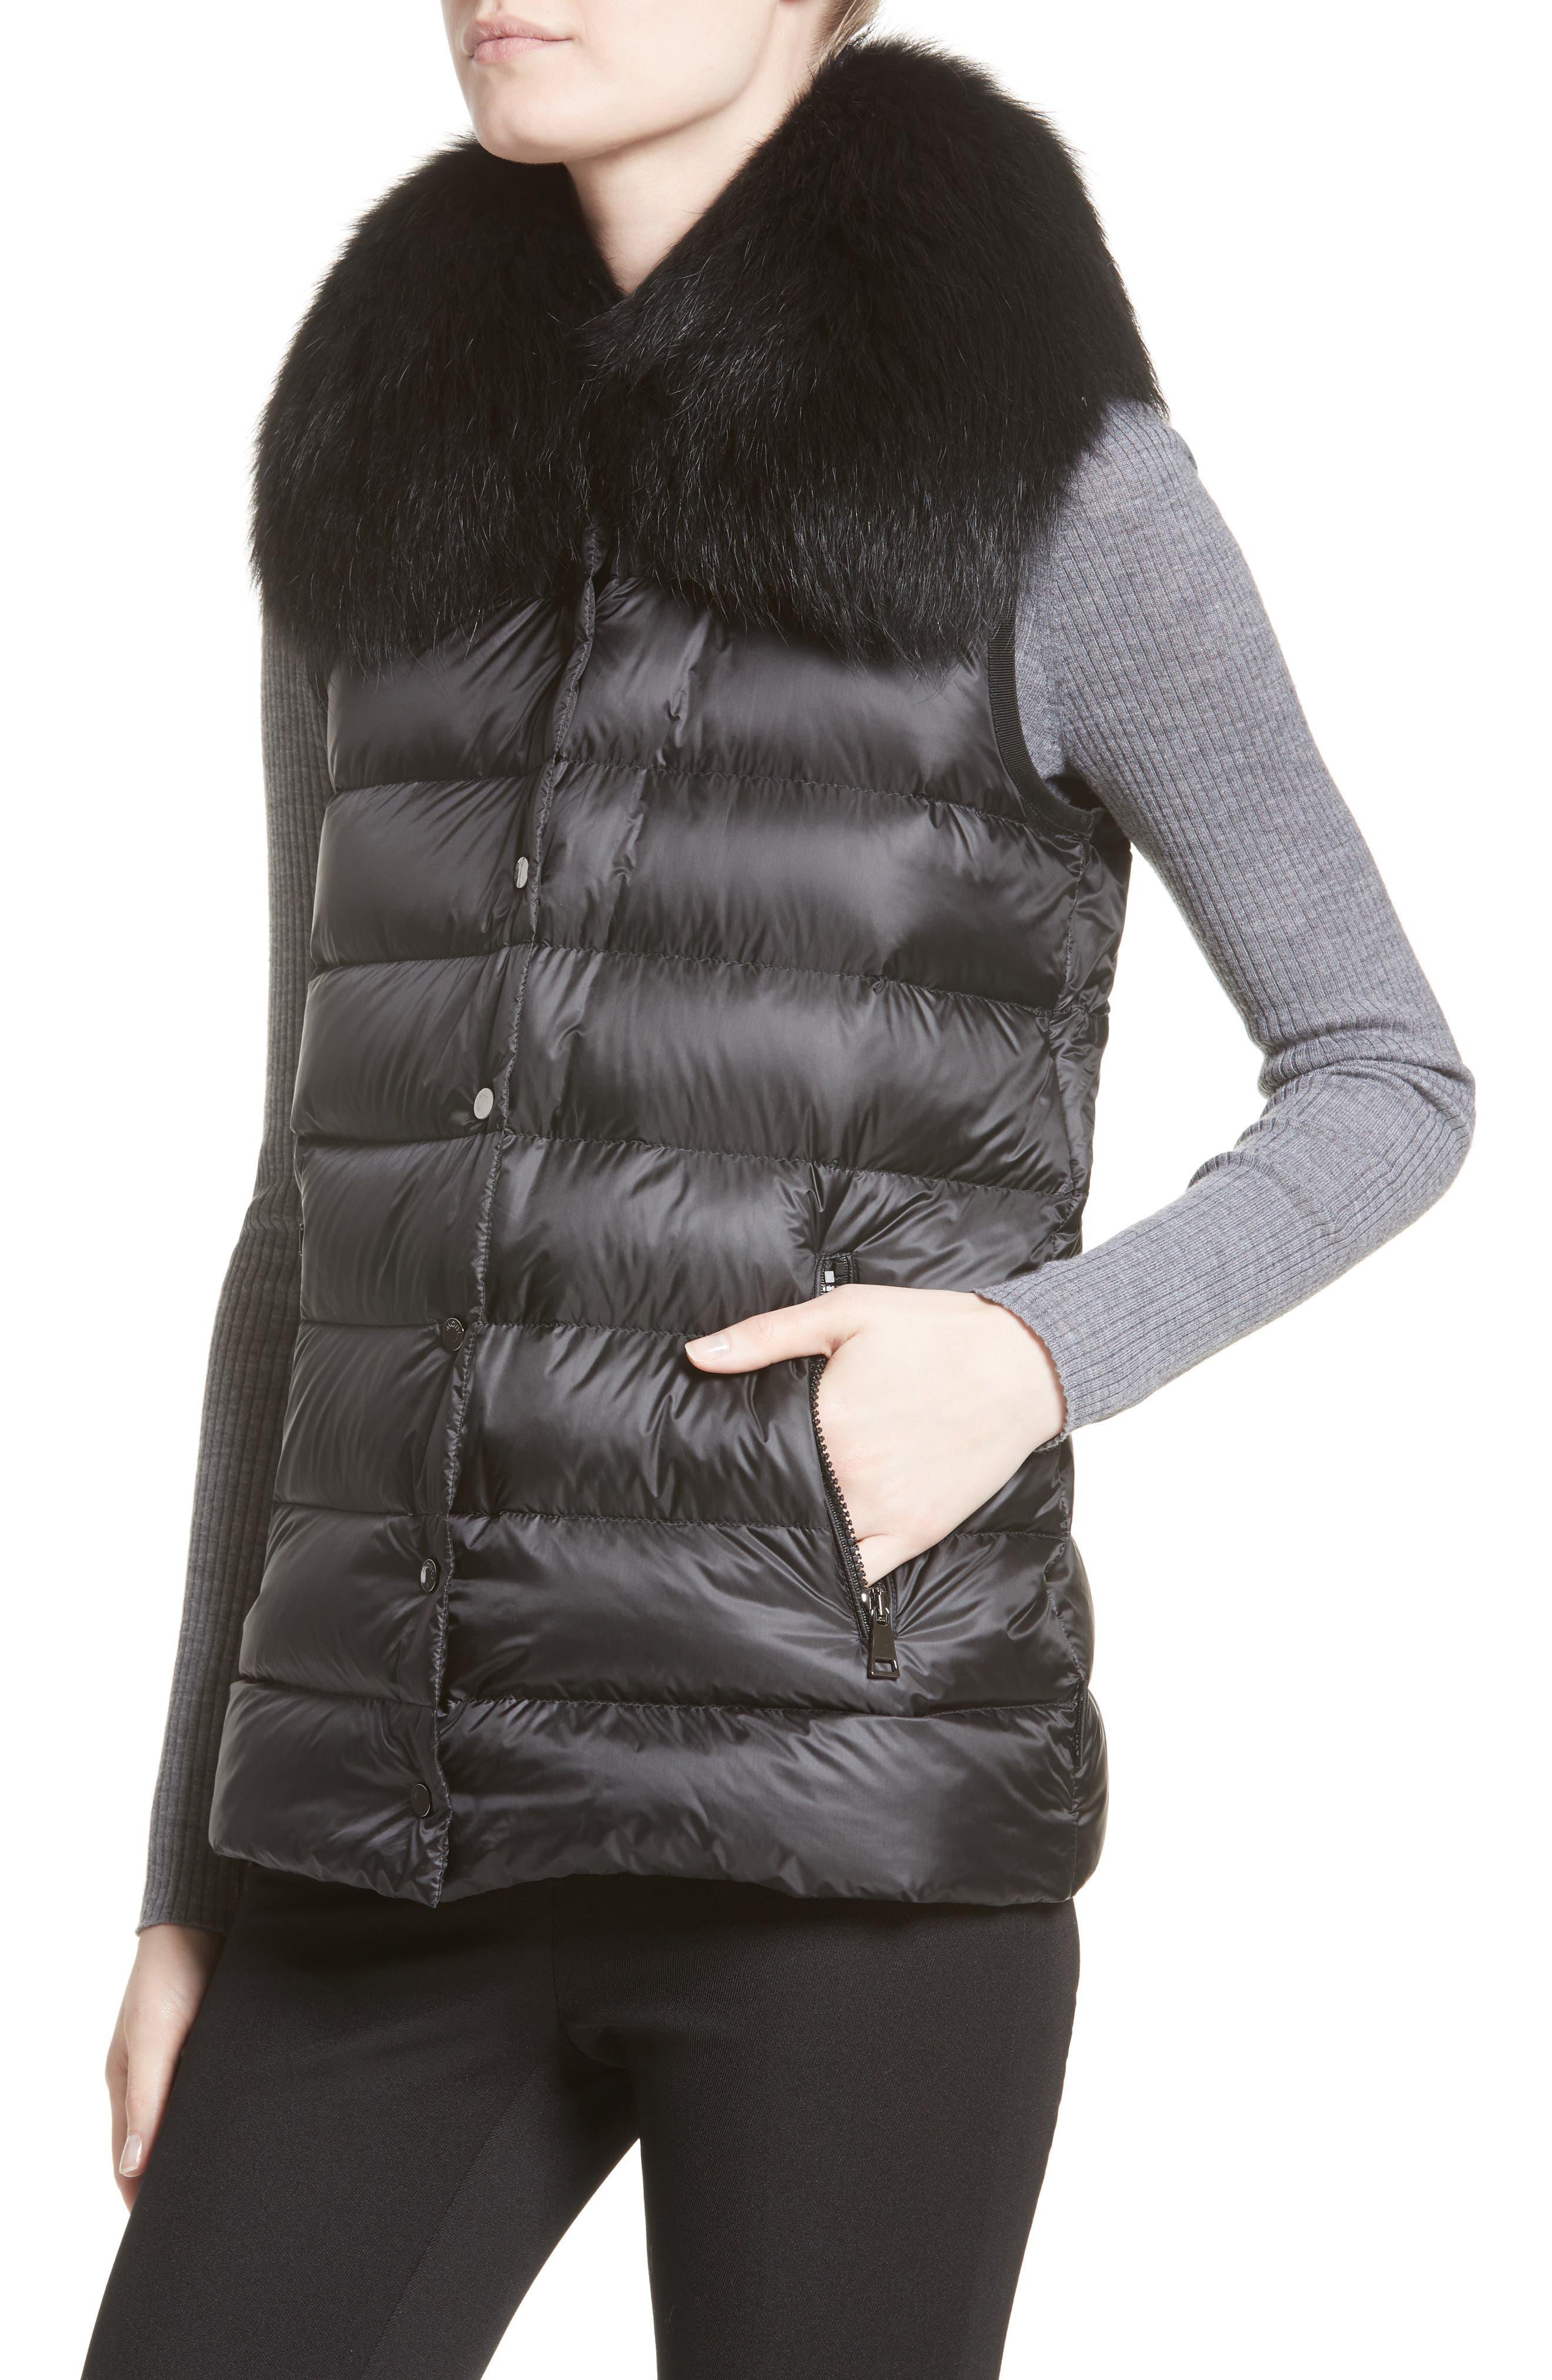 Buxus Wool & Cashmere Coat with Removable Genuine Fox Fur Trim Vest,                             Alternate thumbnail 4, color,                             001